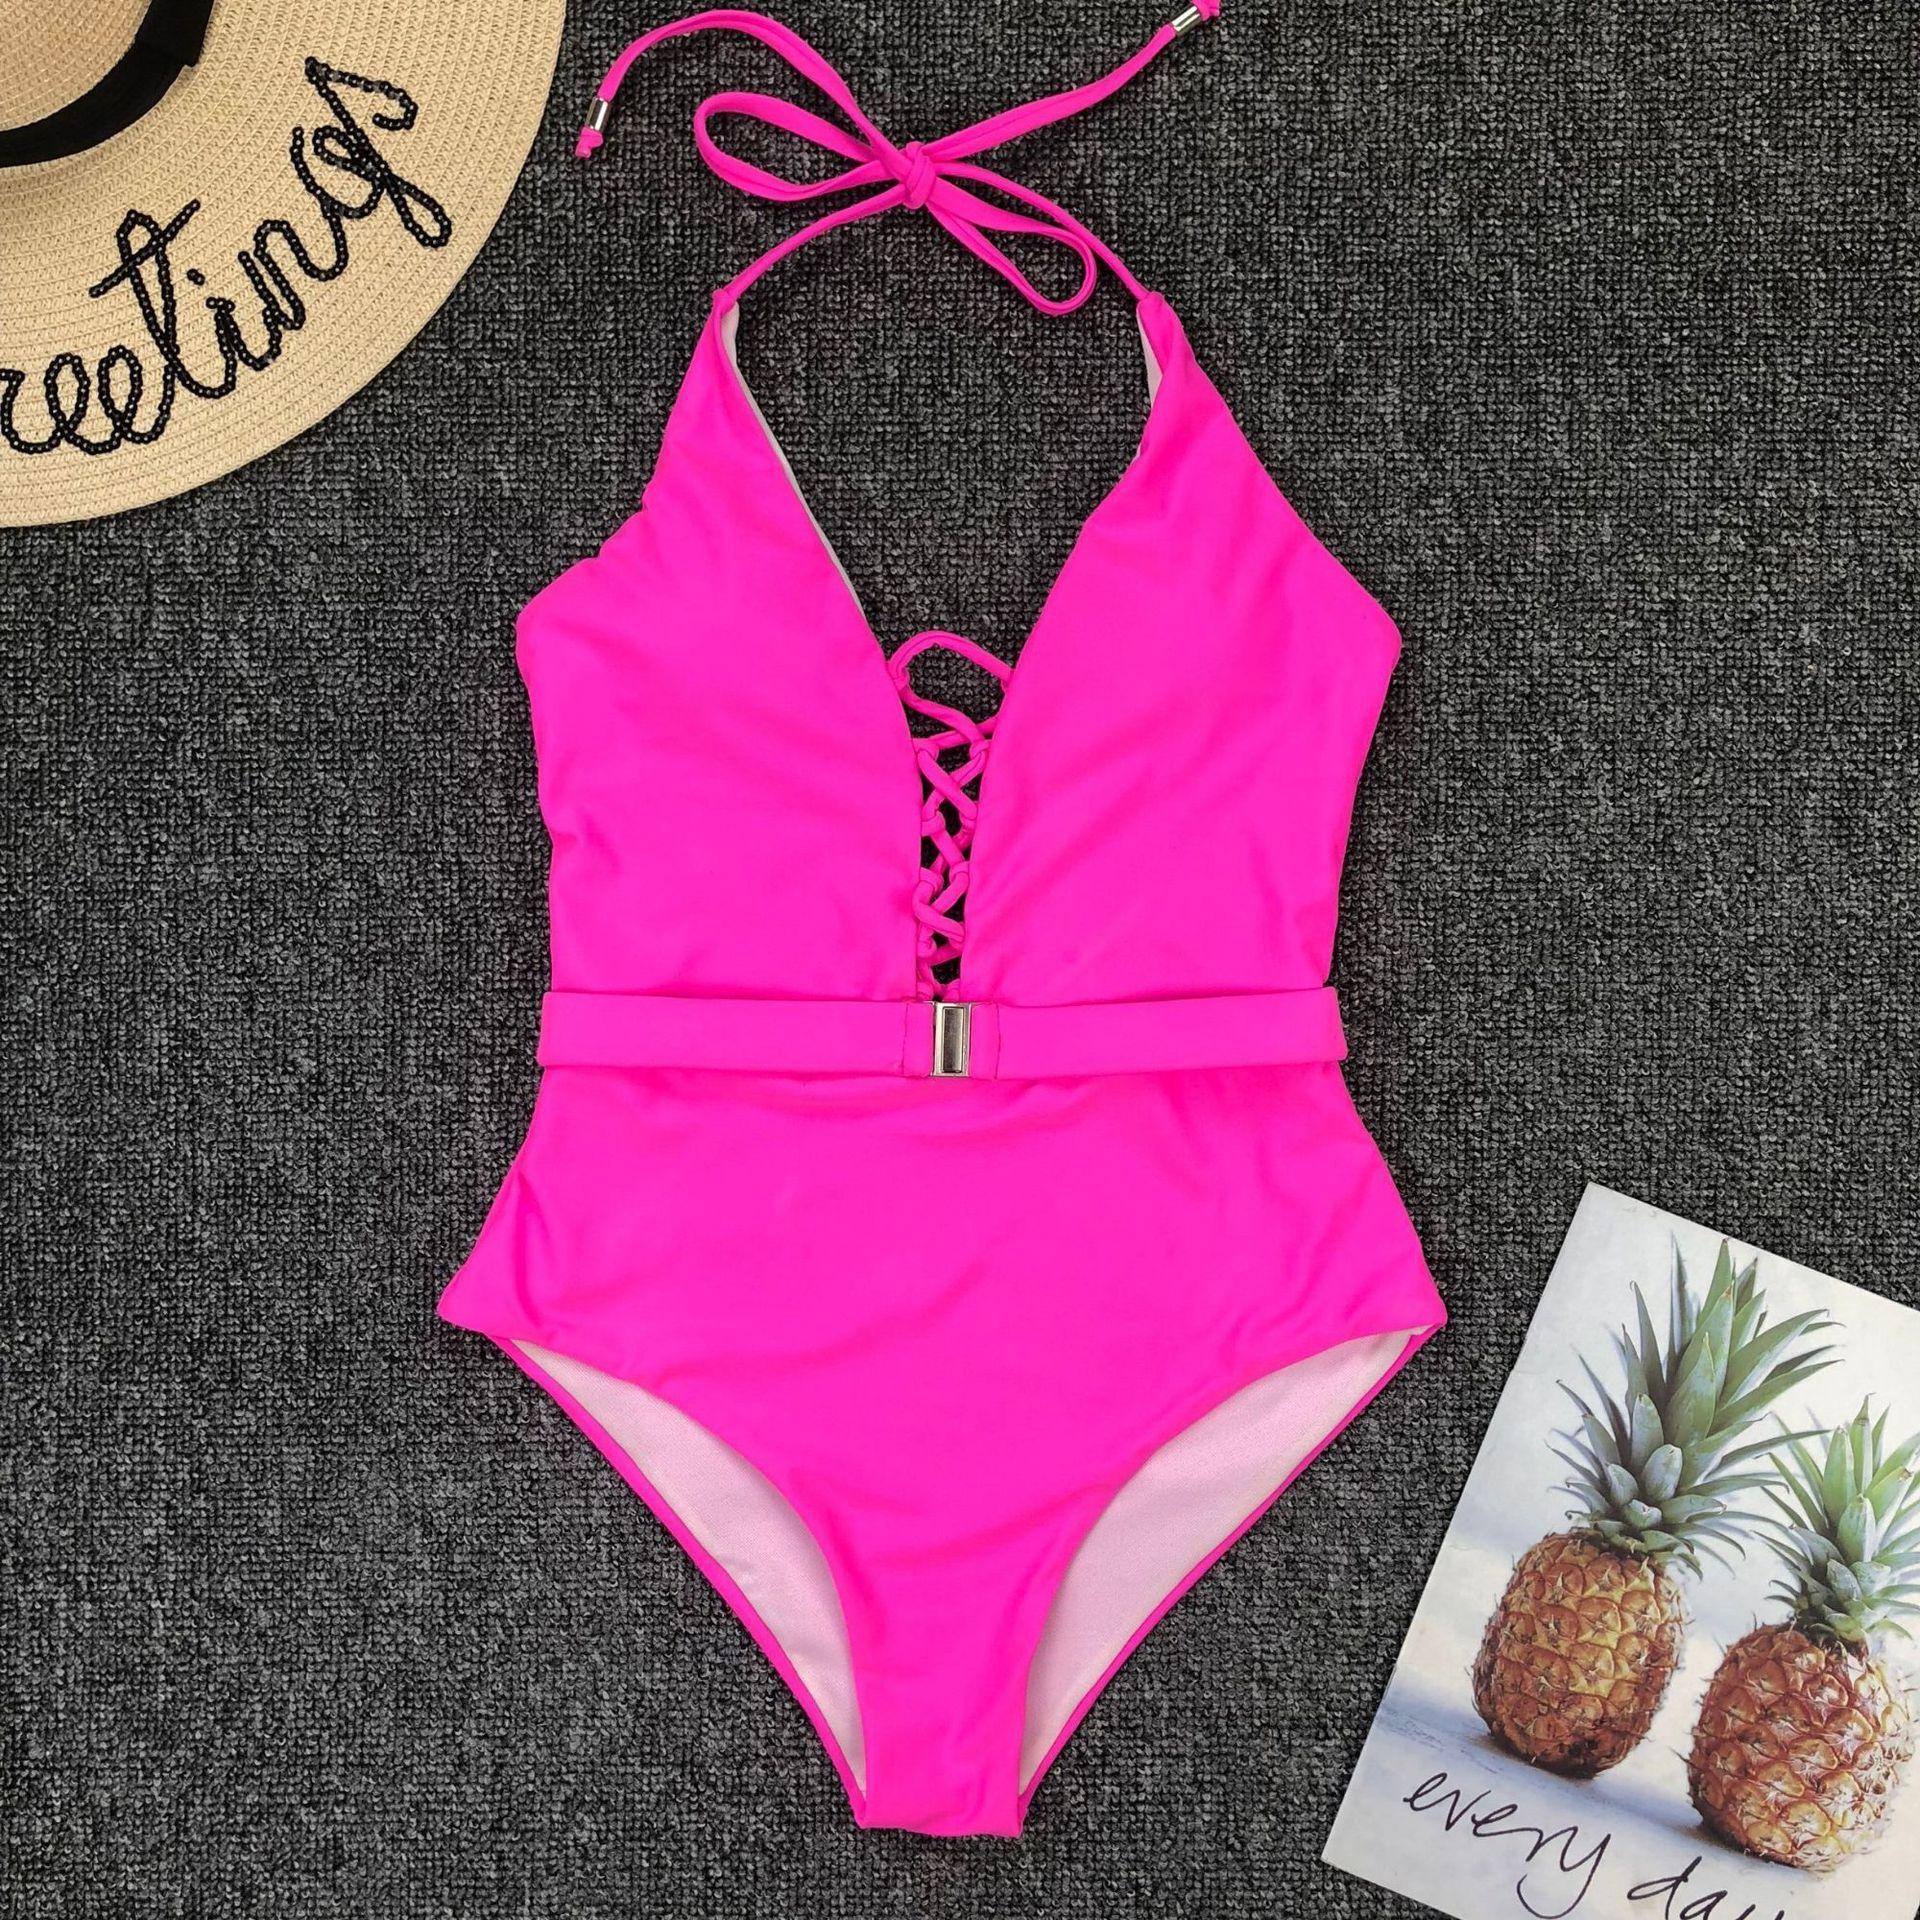 Одноцветный купальный костюм с бретельками, модель 2020 года, сексуальный купальник для женщин, с поясом, с высокой посадкой, пляжная одежда, u-... 66